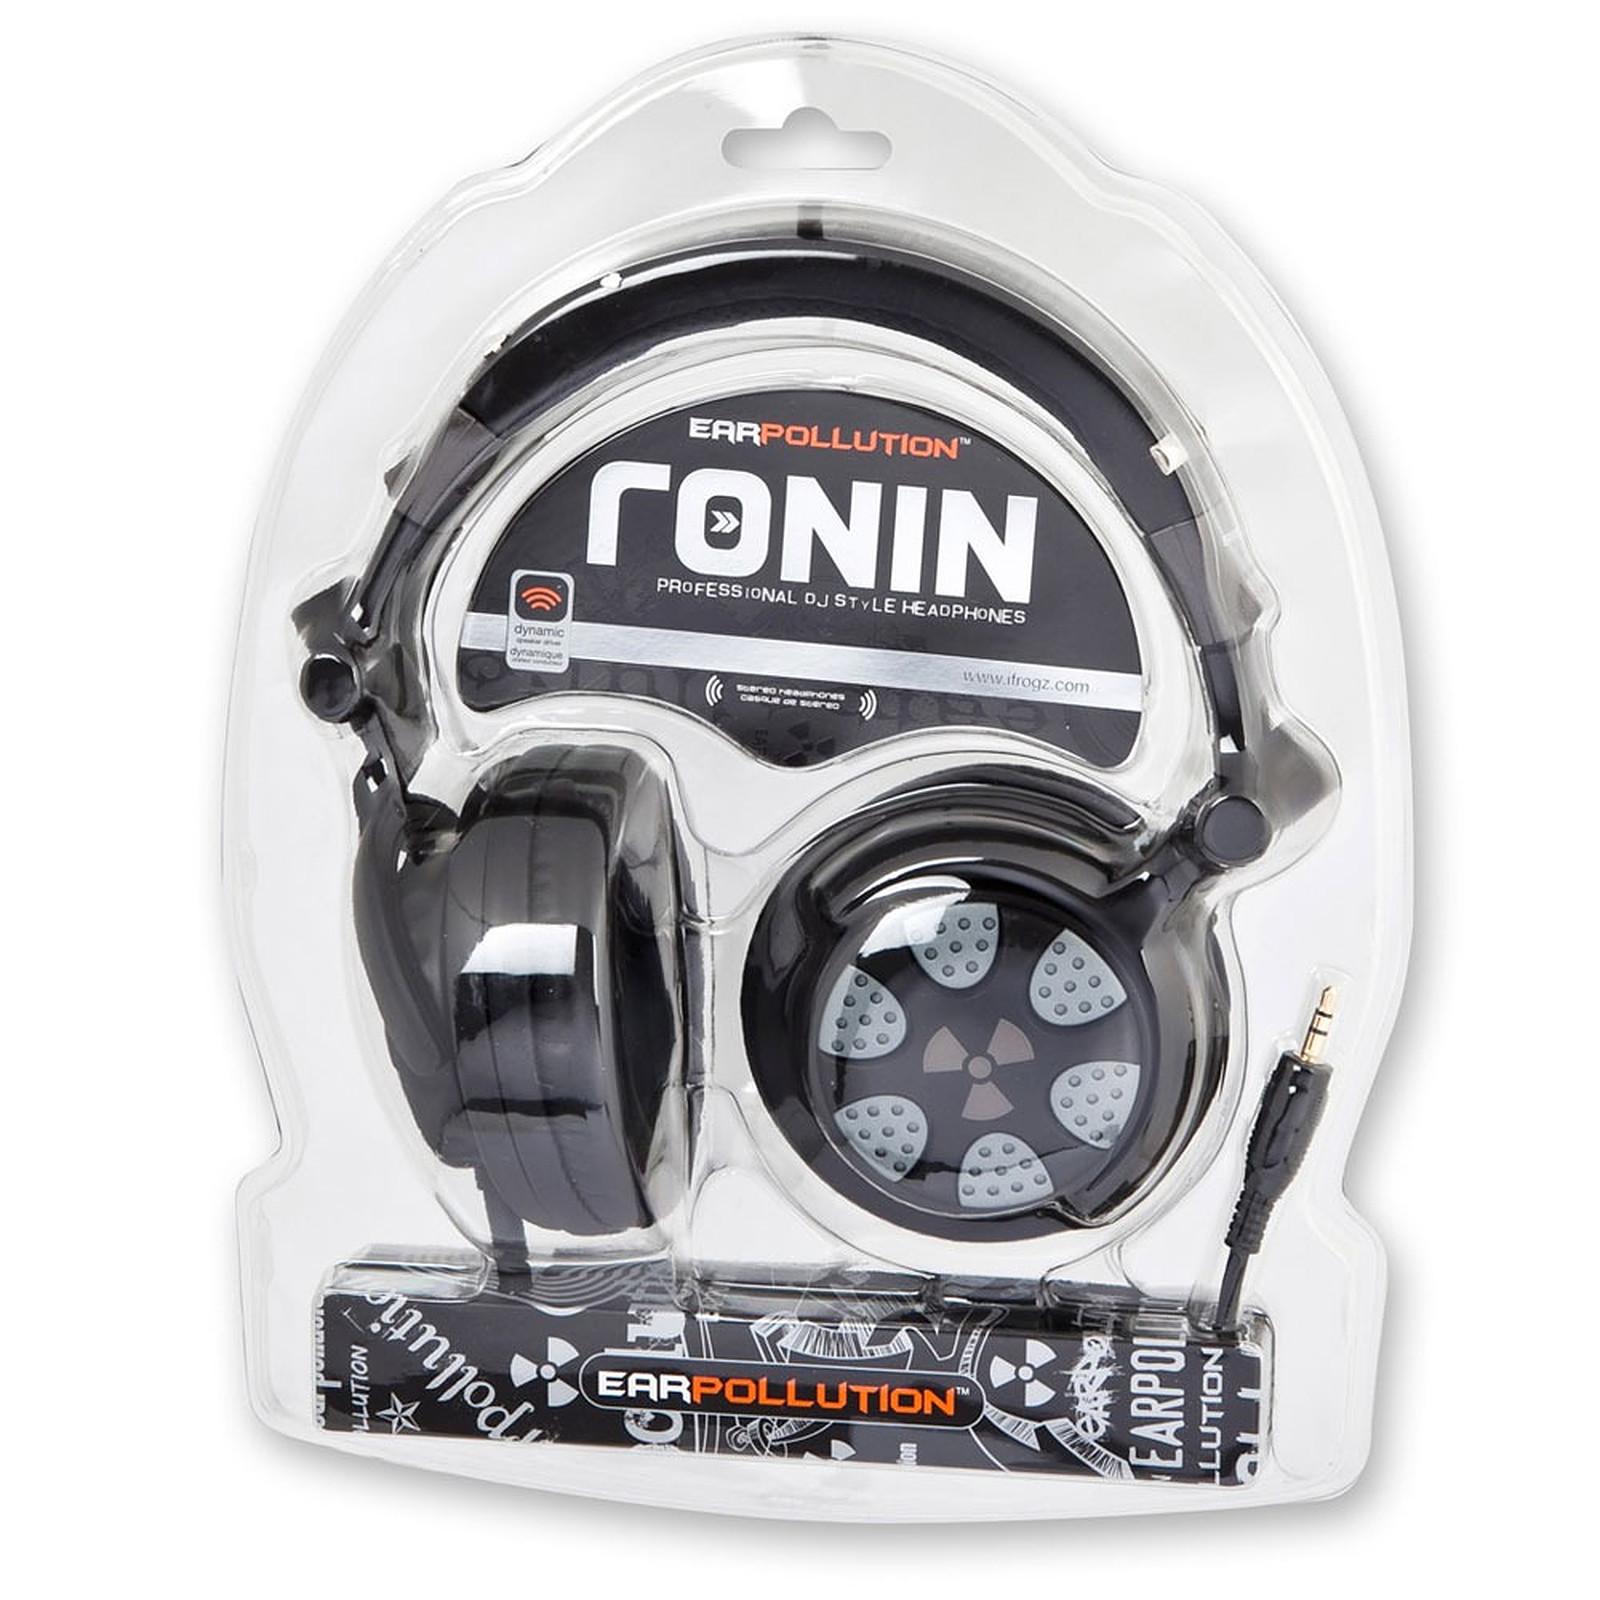 iFrogz EarPollution Ronin Midnight